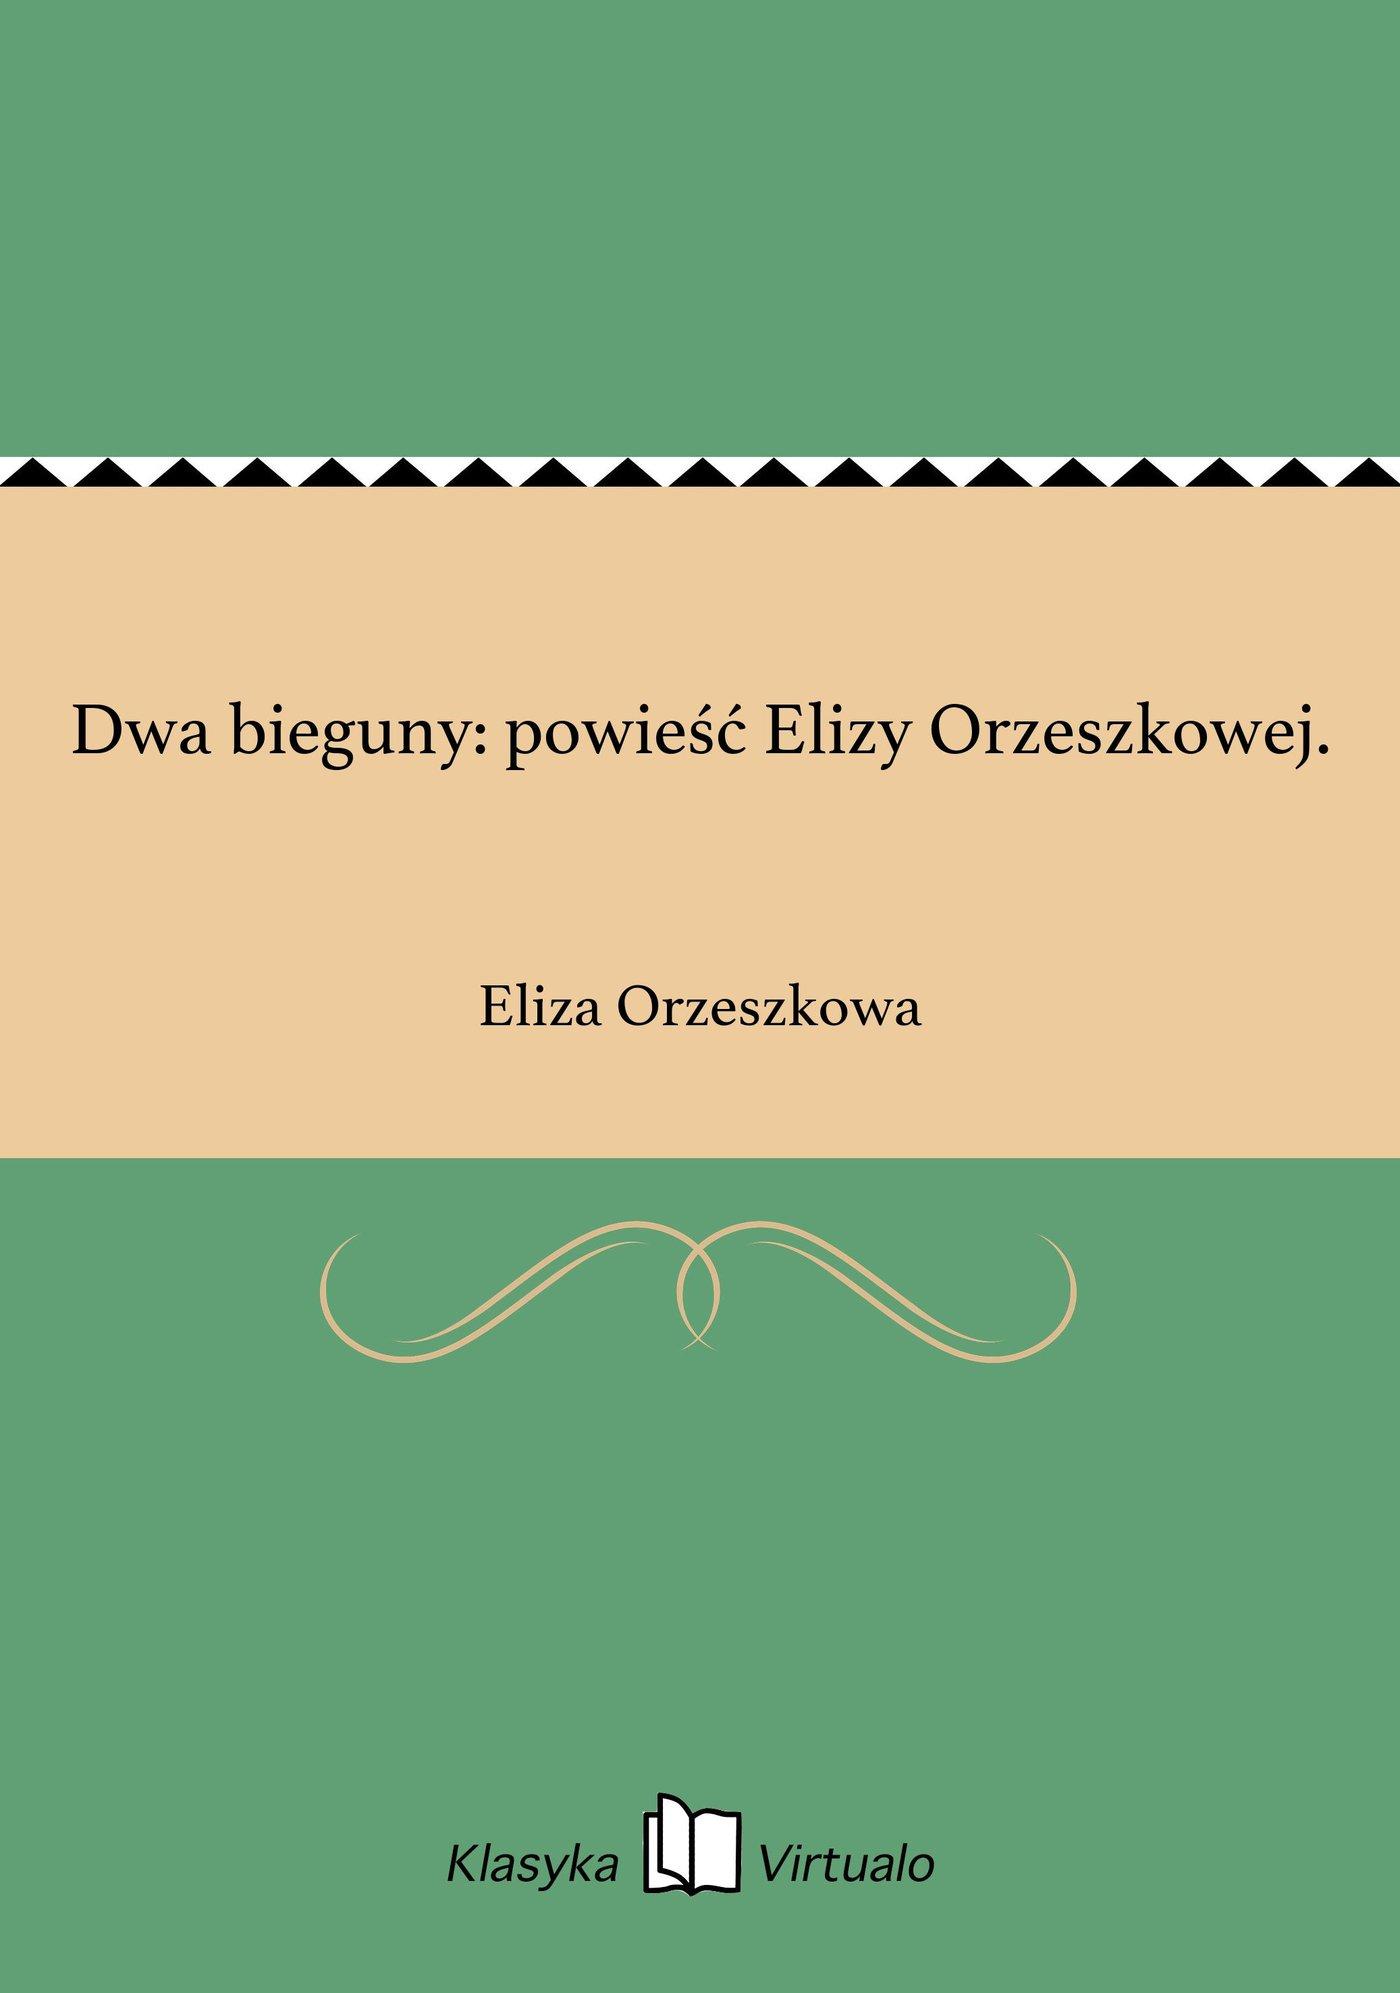 Dwa bieguny: powieść Elizy Orzeszkowej. - Ebook (Książka EPUB) do pobrania w formacie EPUB